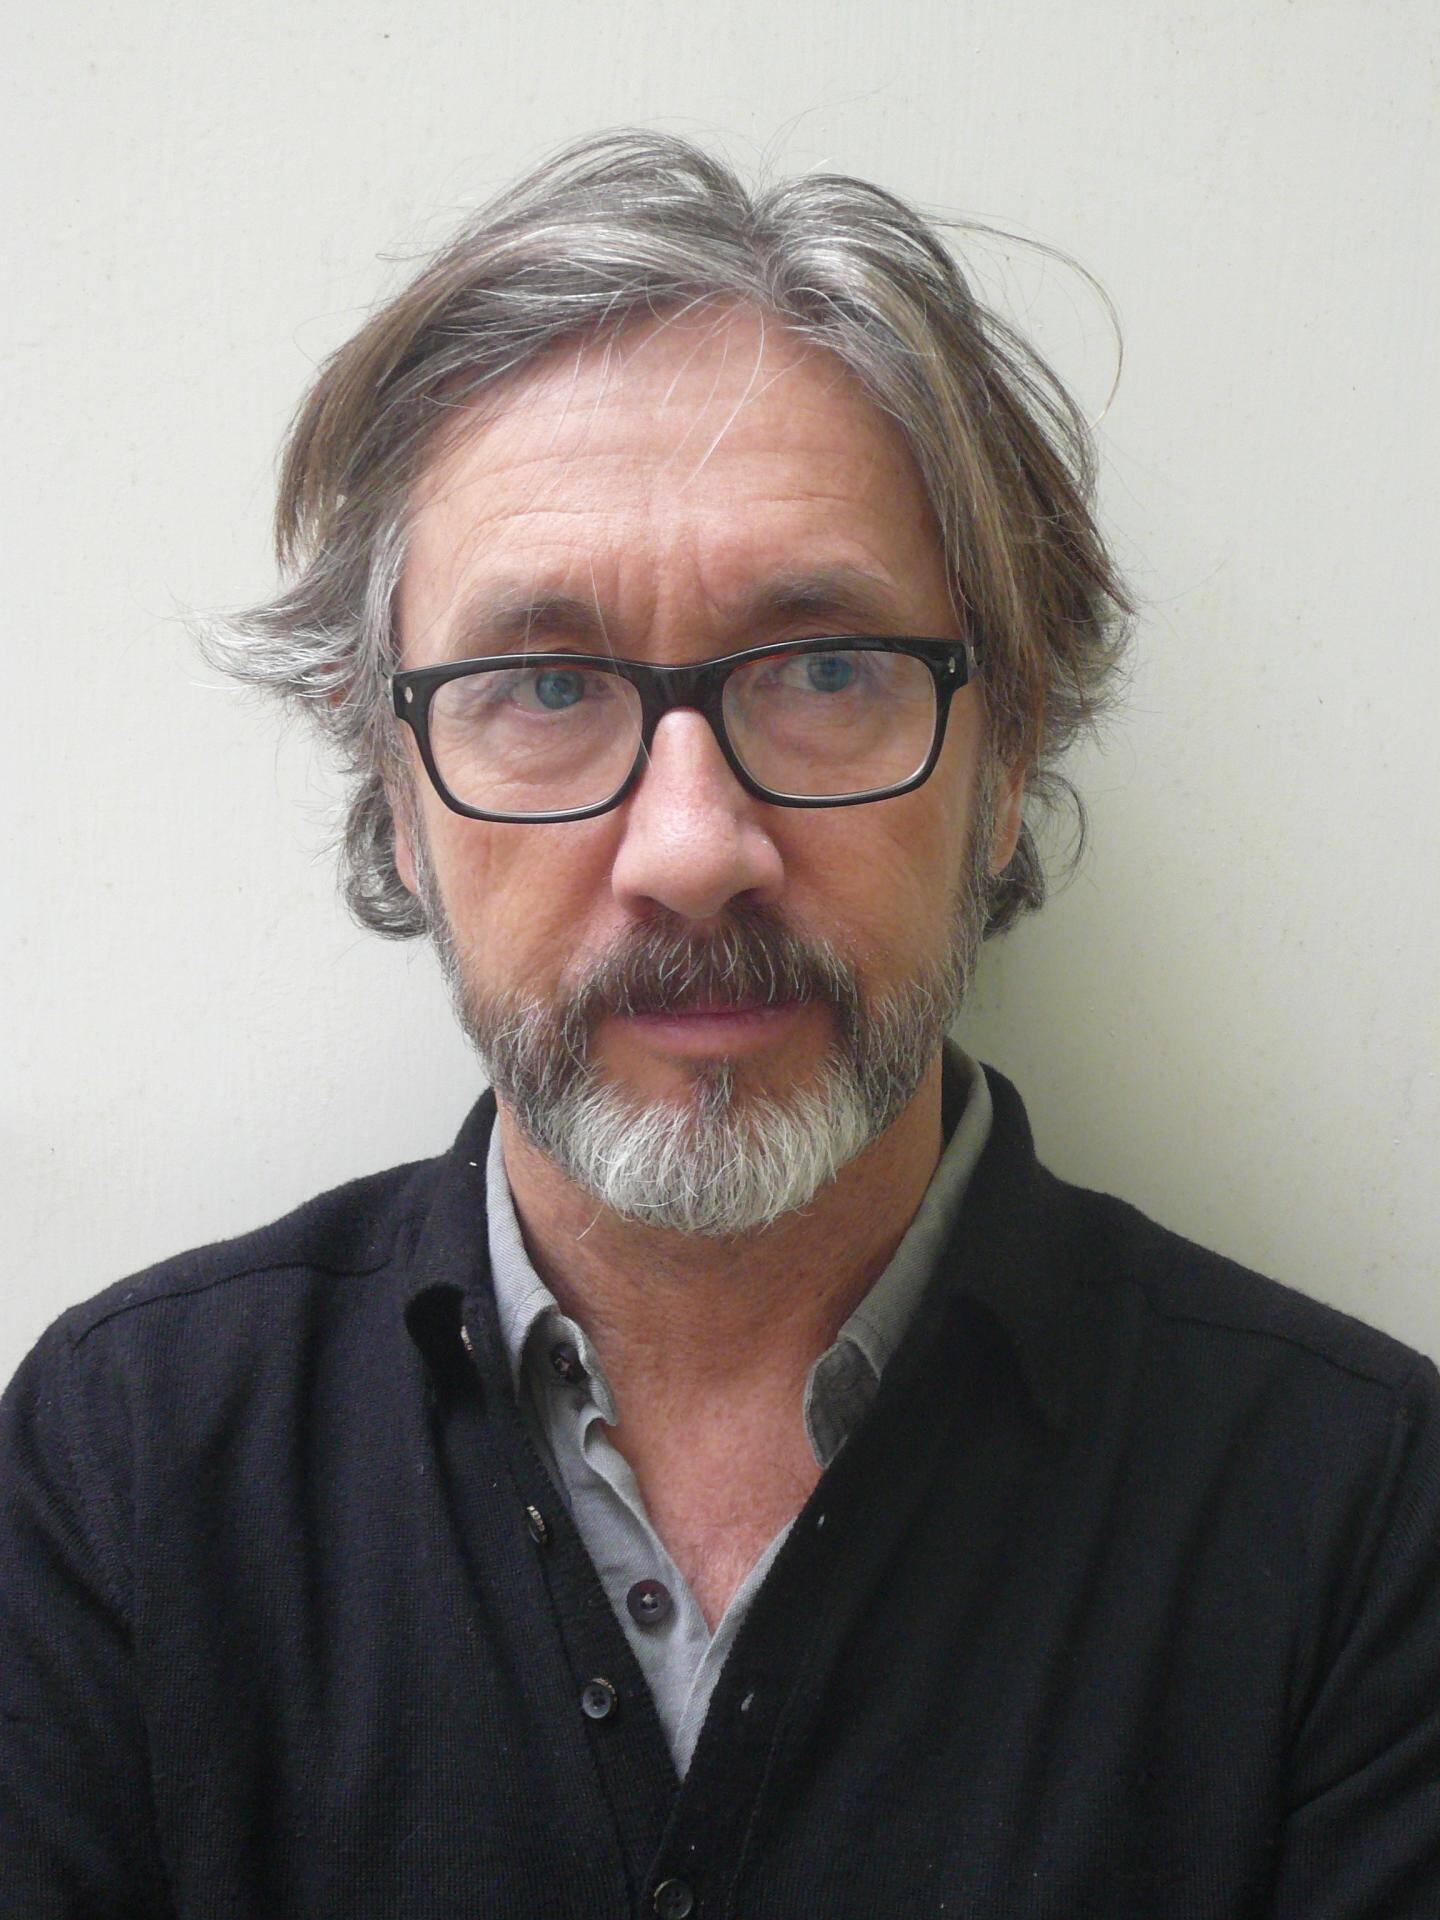 Le réalisateur Martin Provost sera présent le 24 juillet lors de la projection de son film, La Bonne épouse.